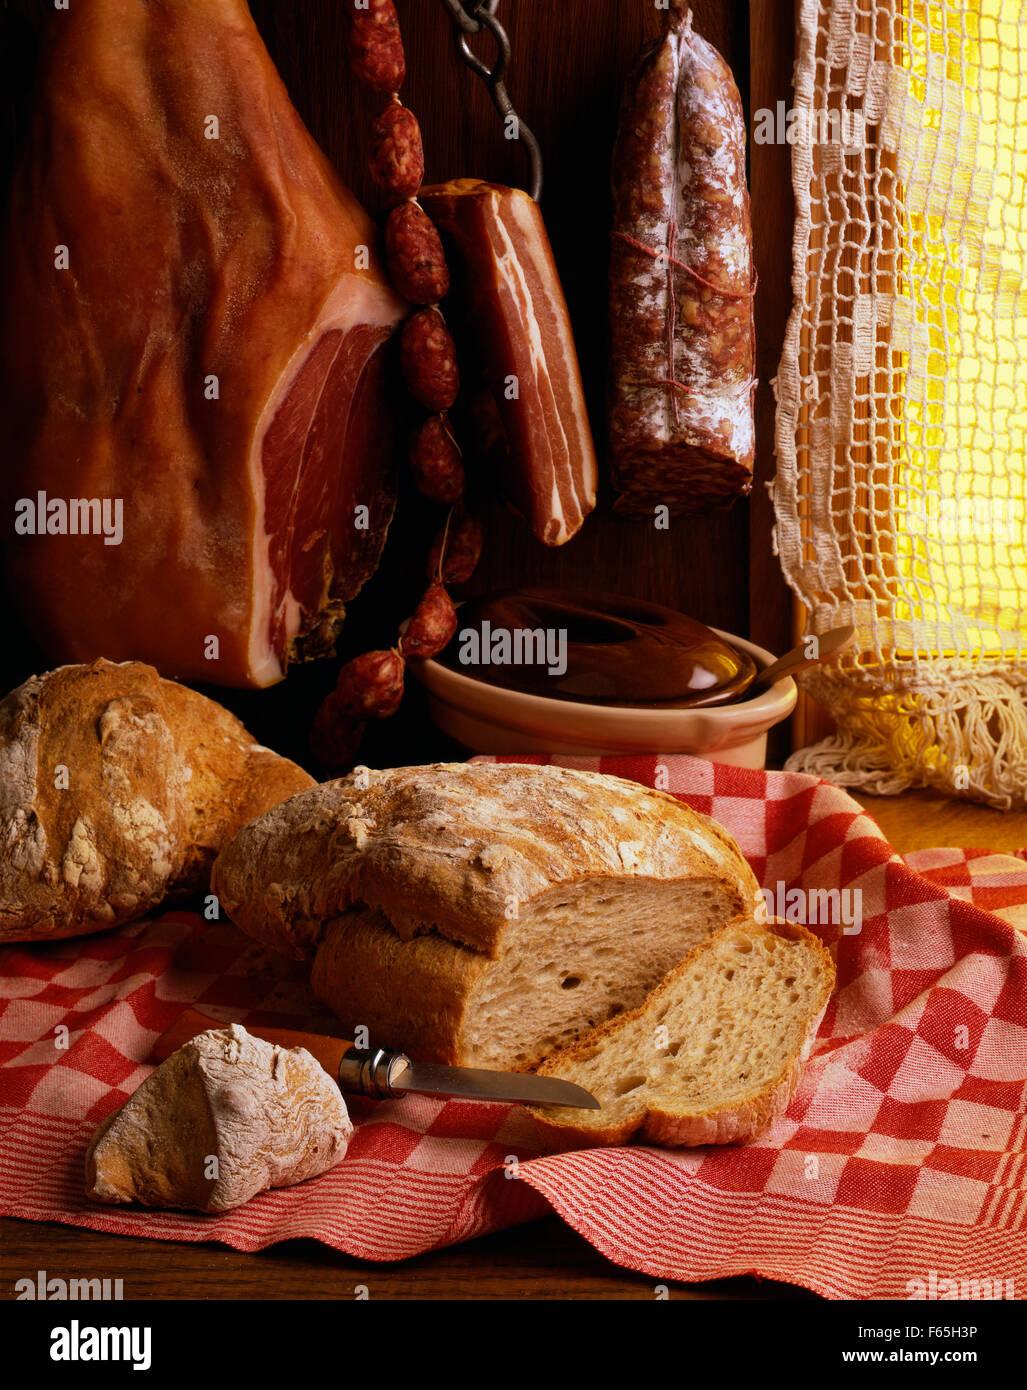 Carnes de cerdo cocida y pan Foto de stock